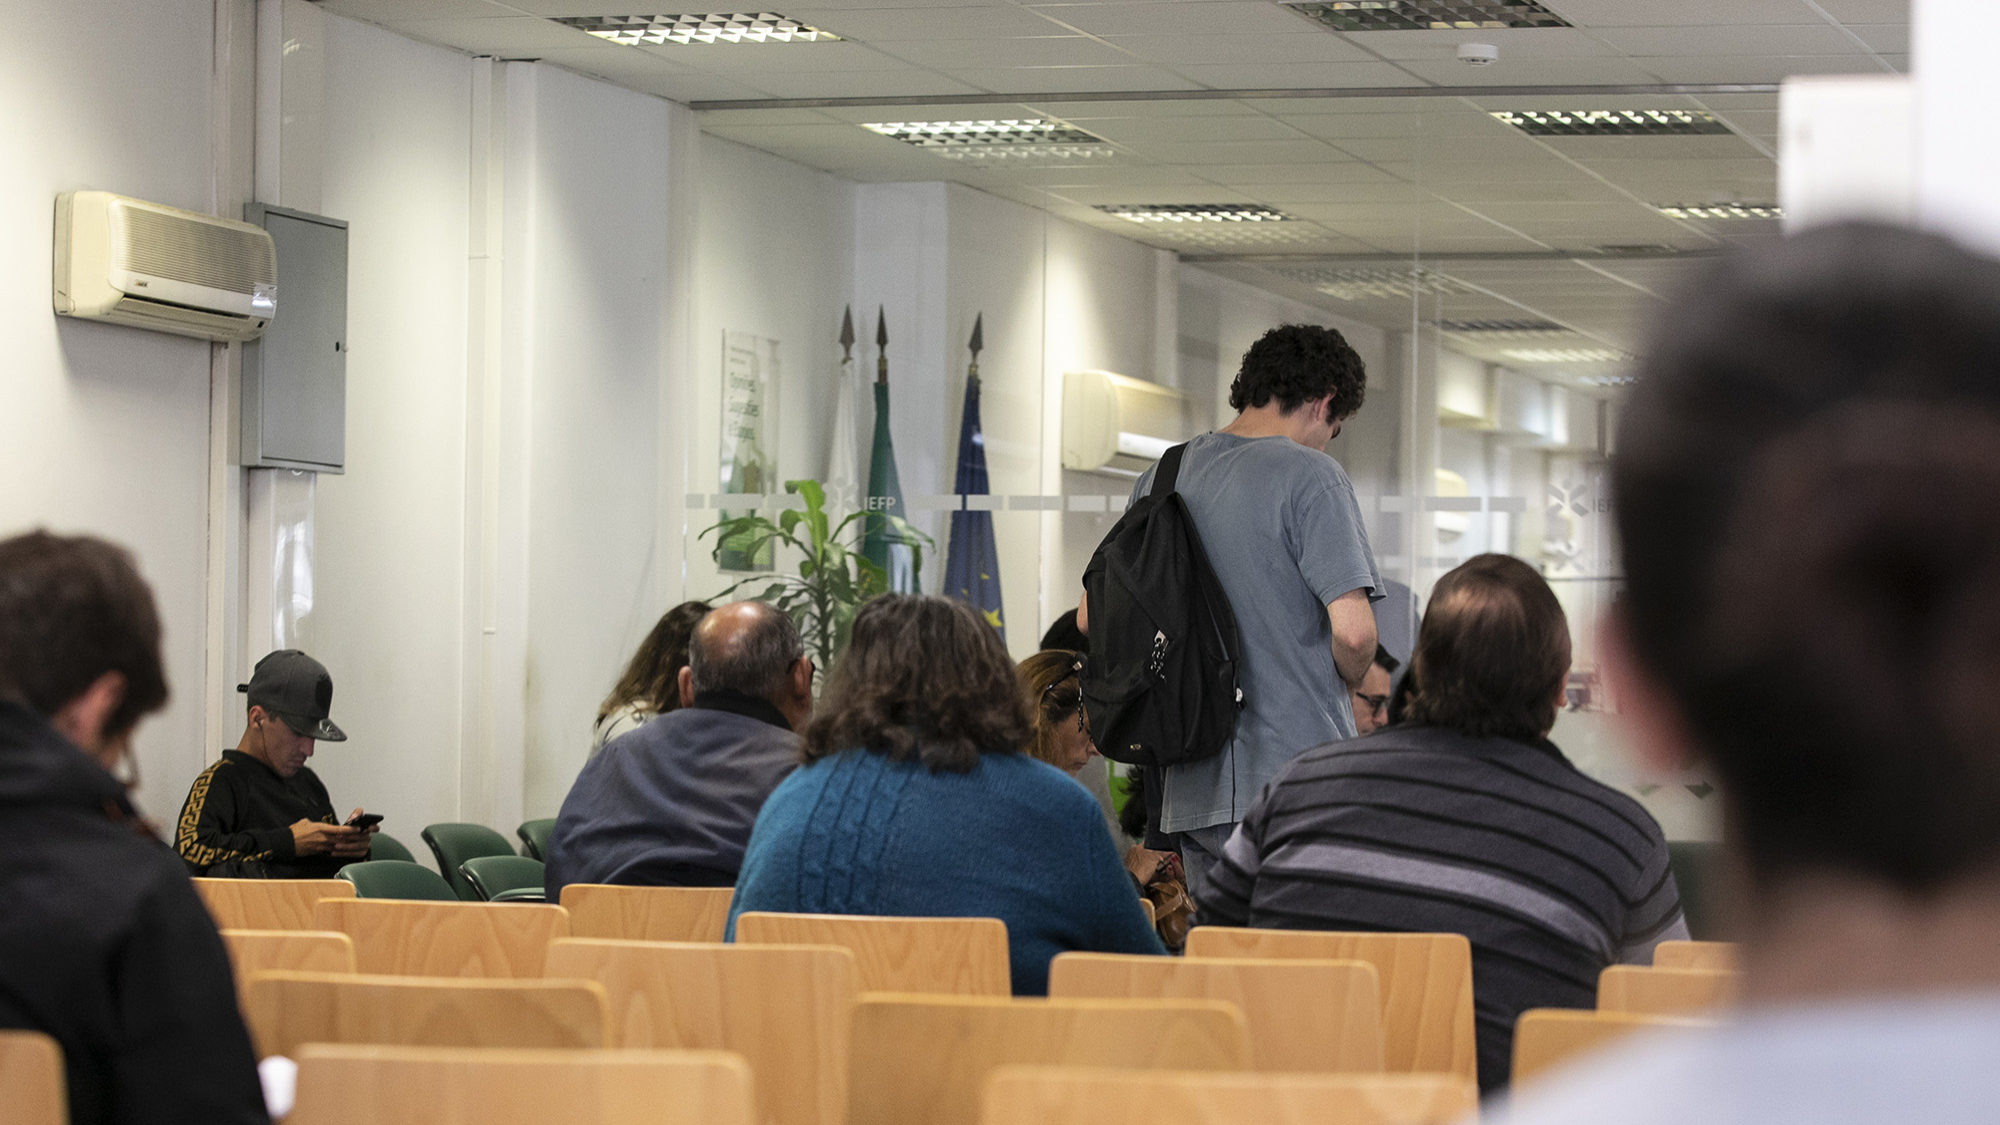 Portugal com 3.ª menor taxa de vagas de emprego no 1.º trimestre